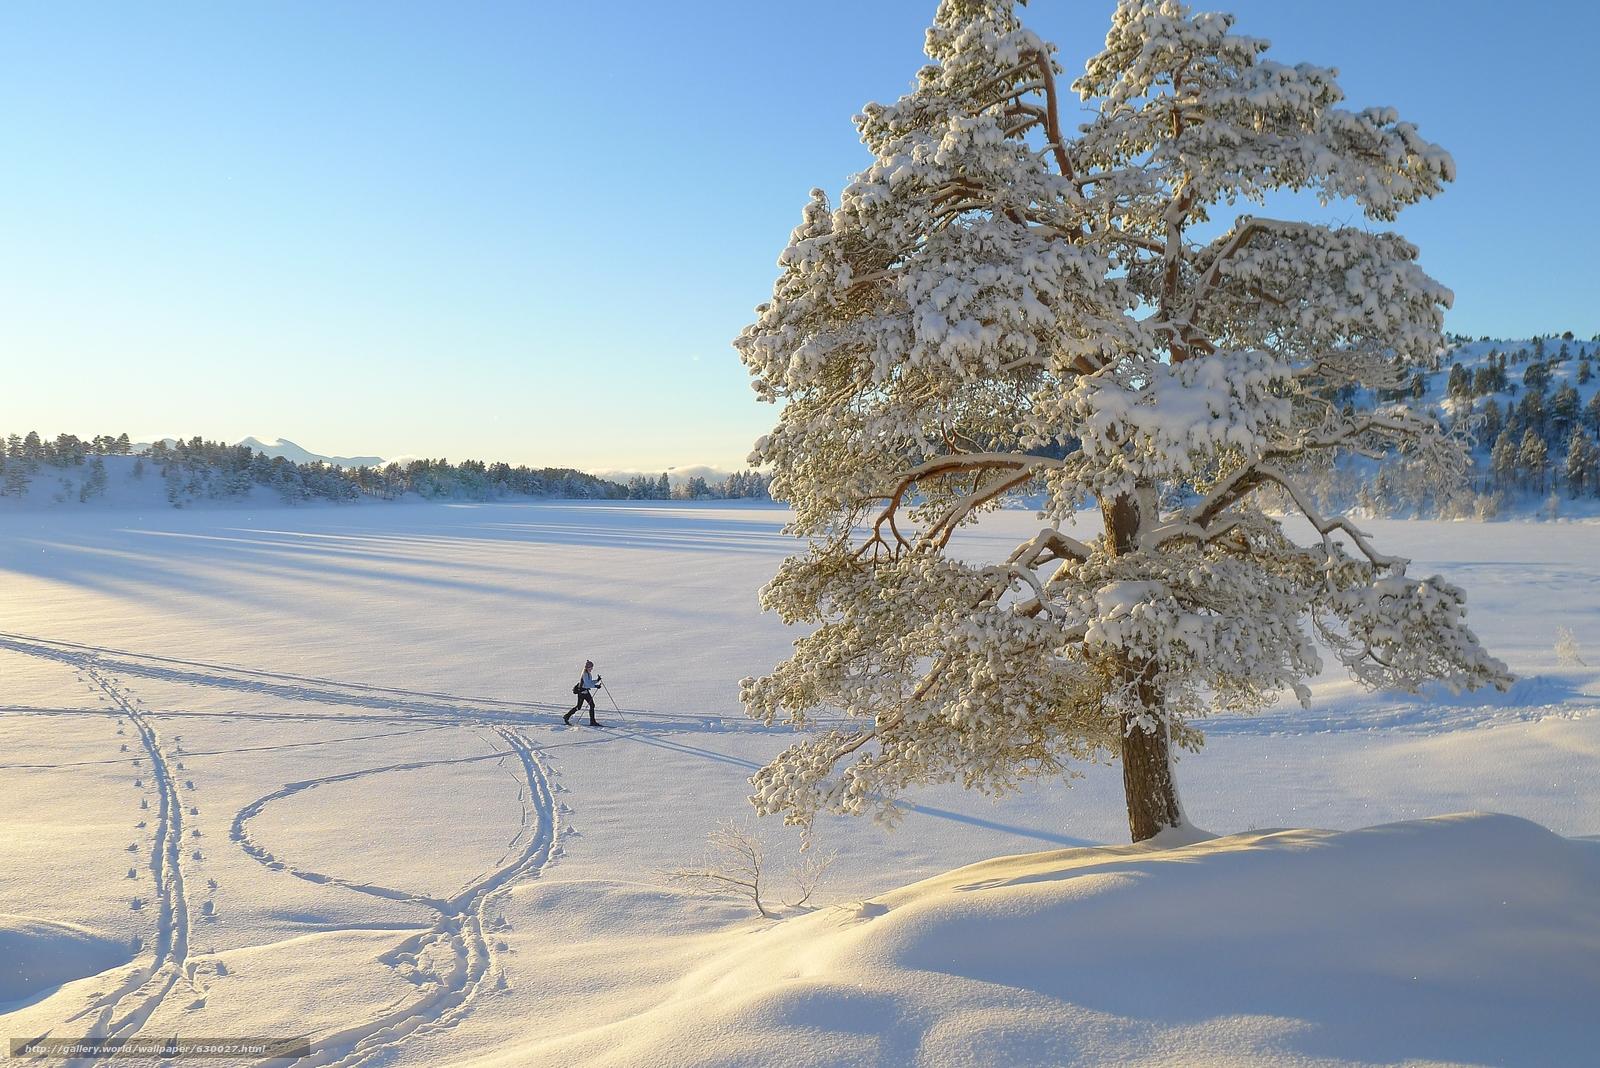 Tlcharger Fond d'ecran hiver,  arbre solitaire,  skieur,  paysage Fonds d'ecran gratuits pour votre rsolution du bureau 3776x2520 — image №630027